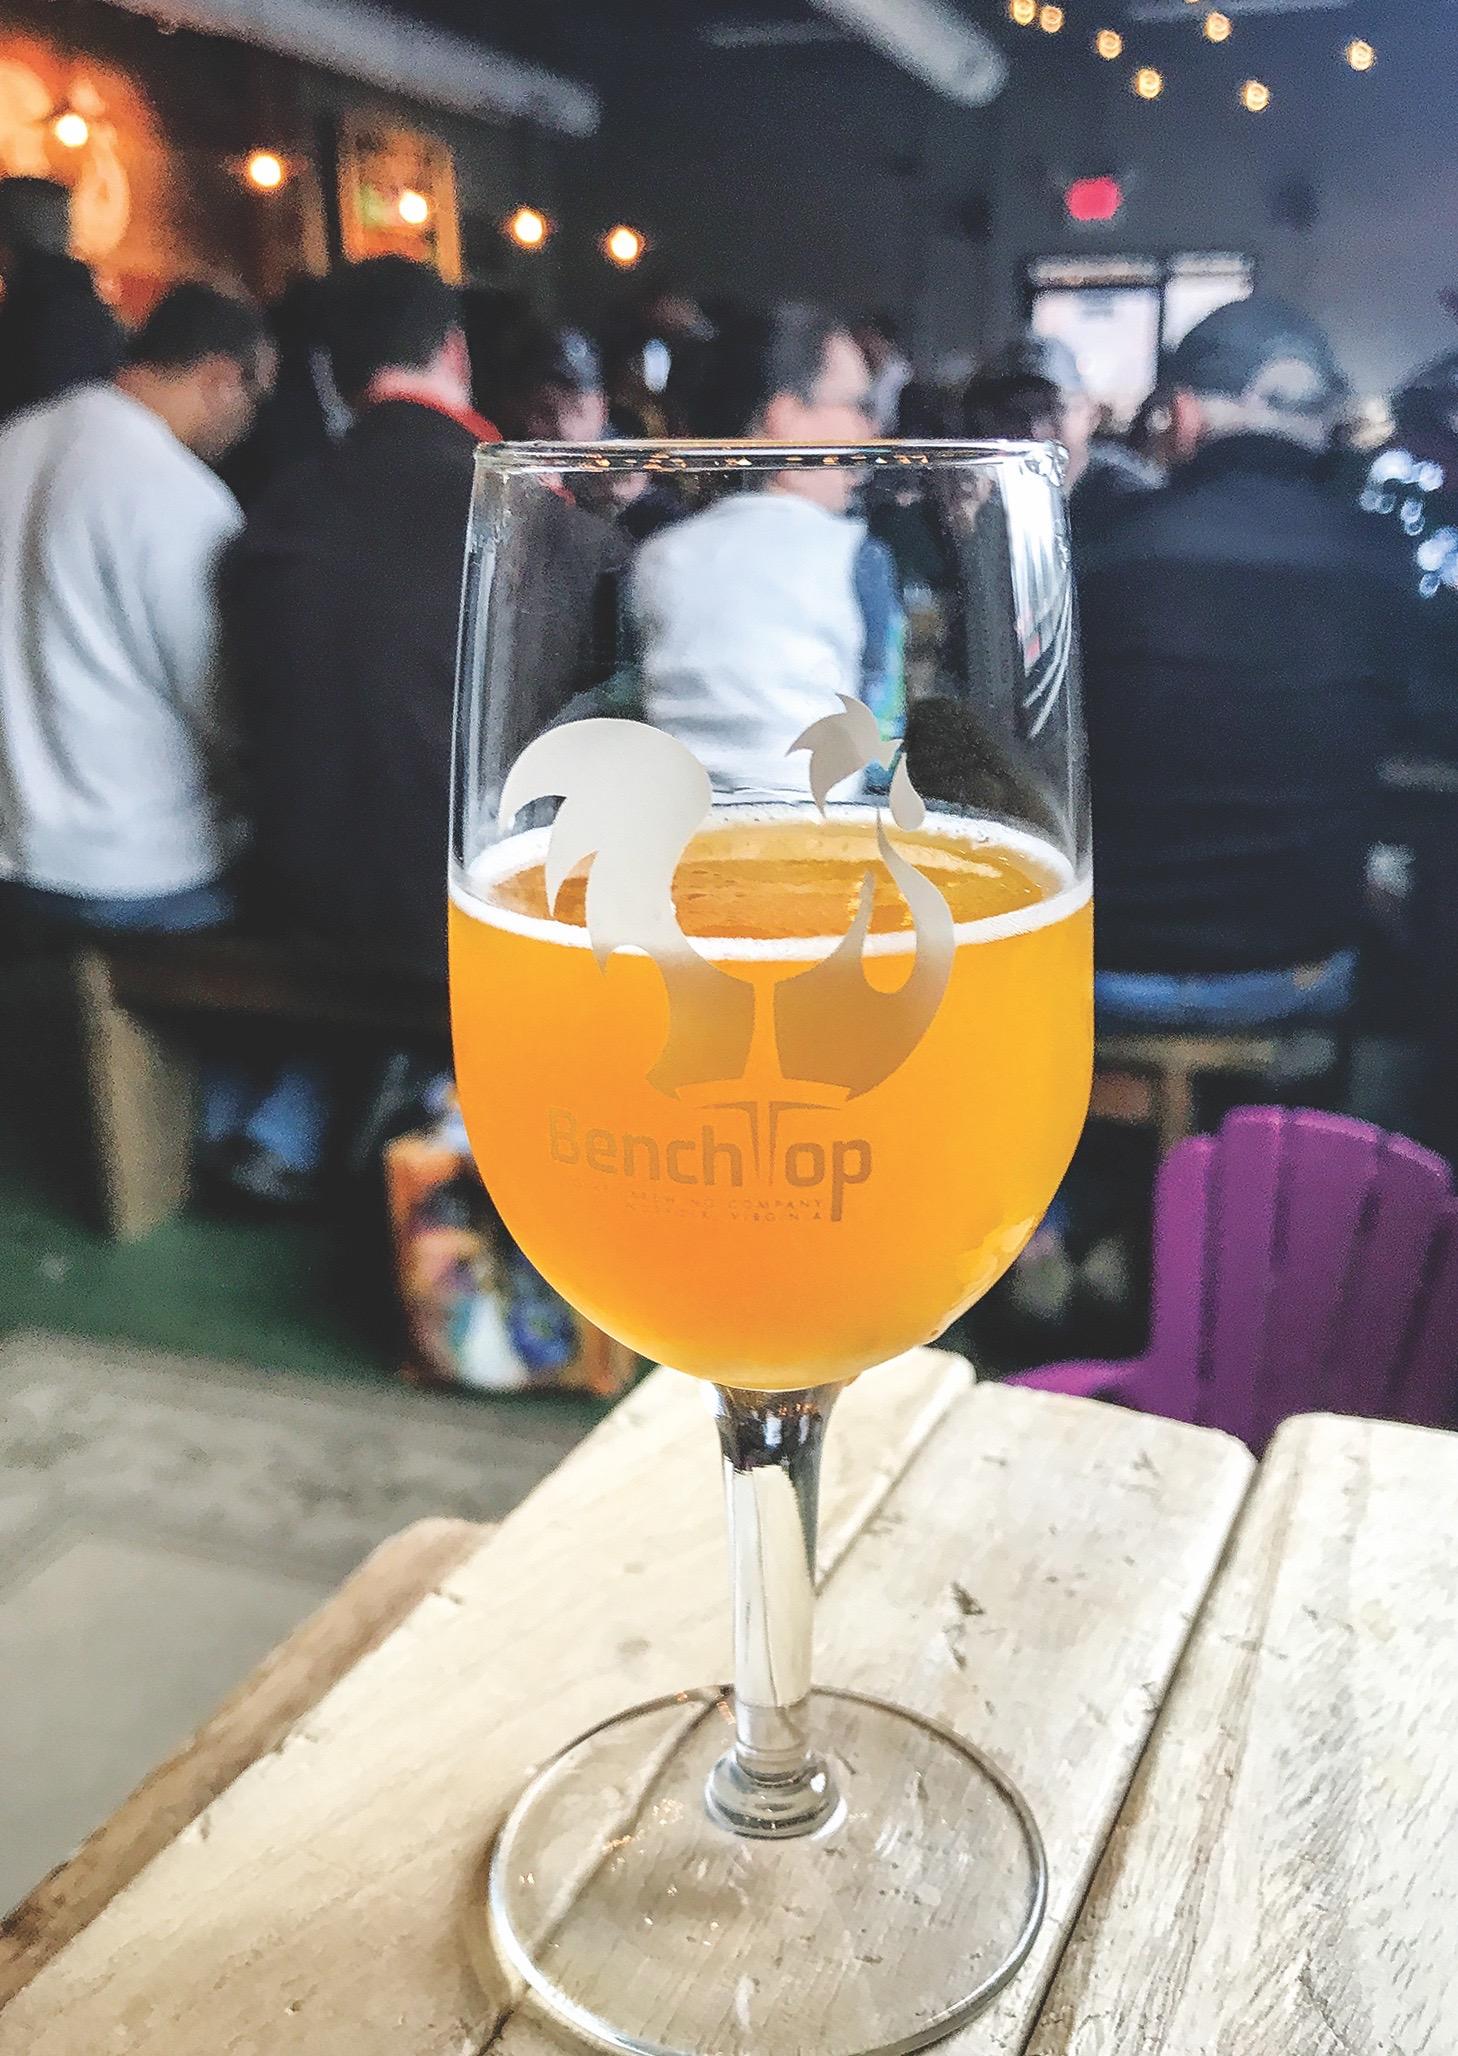 Benchtop Brewing Norfolk, craft beer Virginia